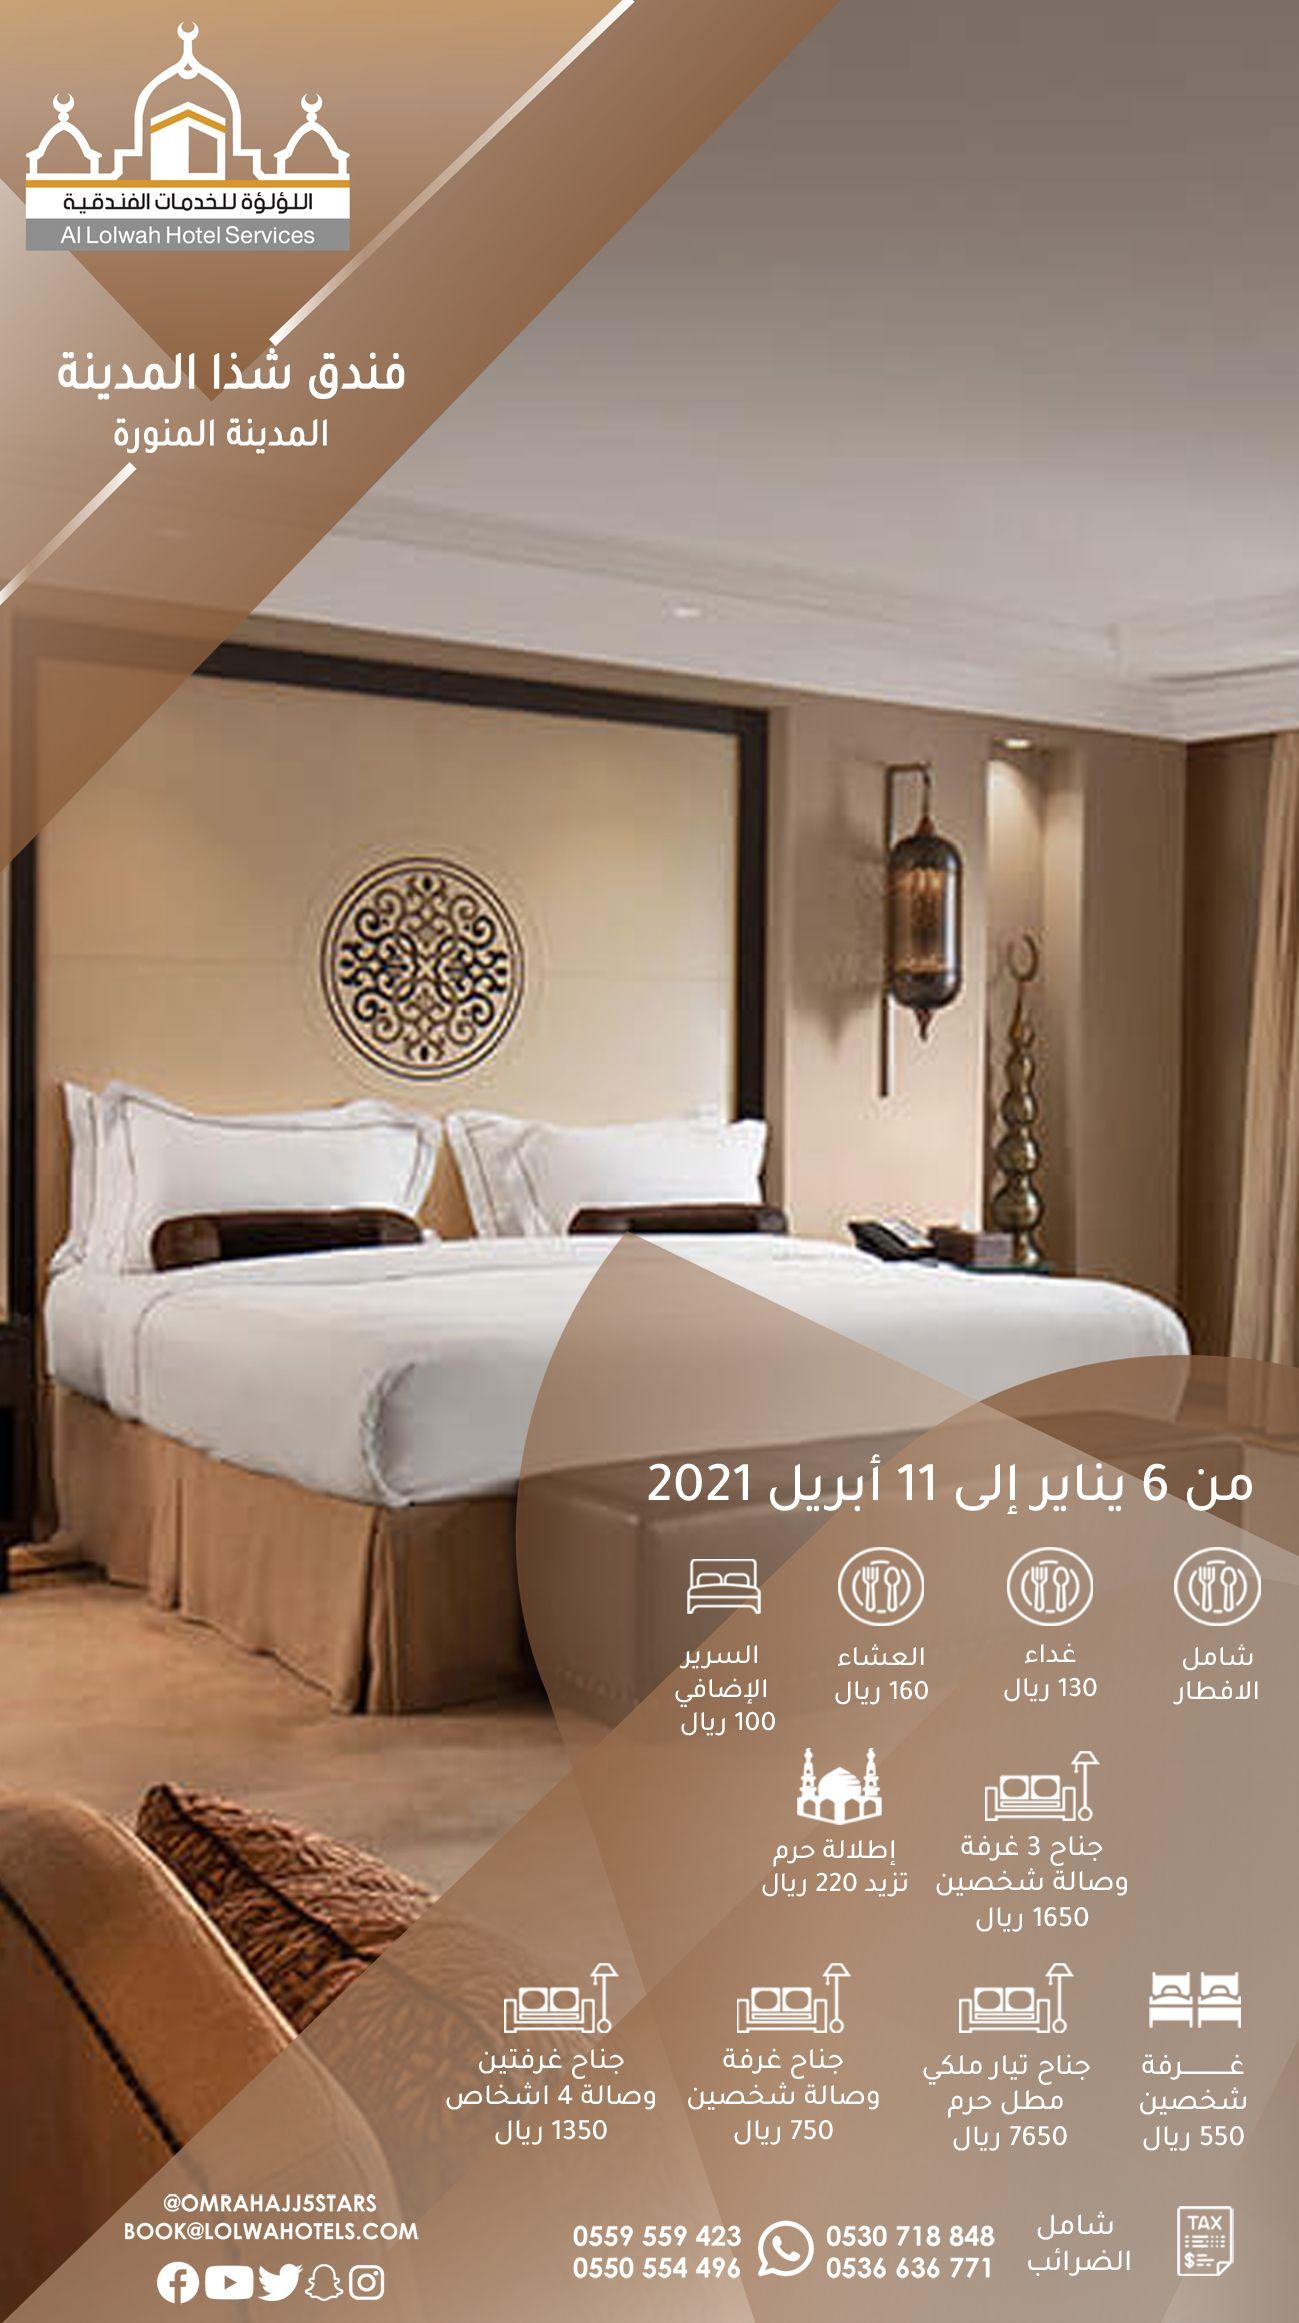 غرفة شخصين 550 ريال شامل الإفطار في فندق شذا المدينة من 6 يناير إلى 11 أبريل 2021 Home Decor Home Decor Decals Home